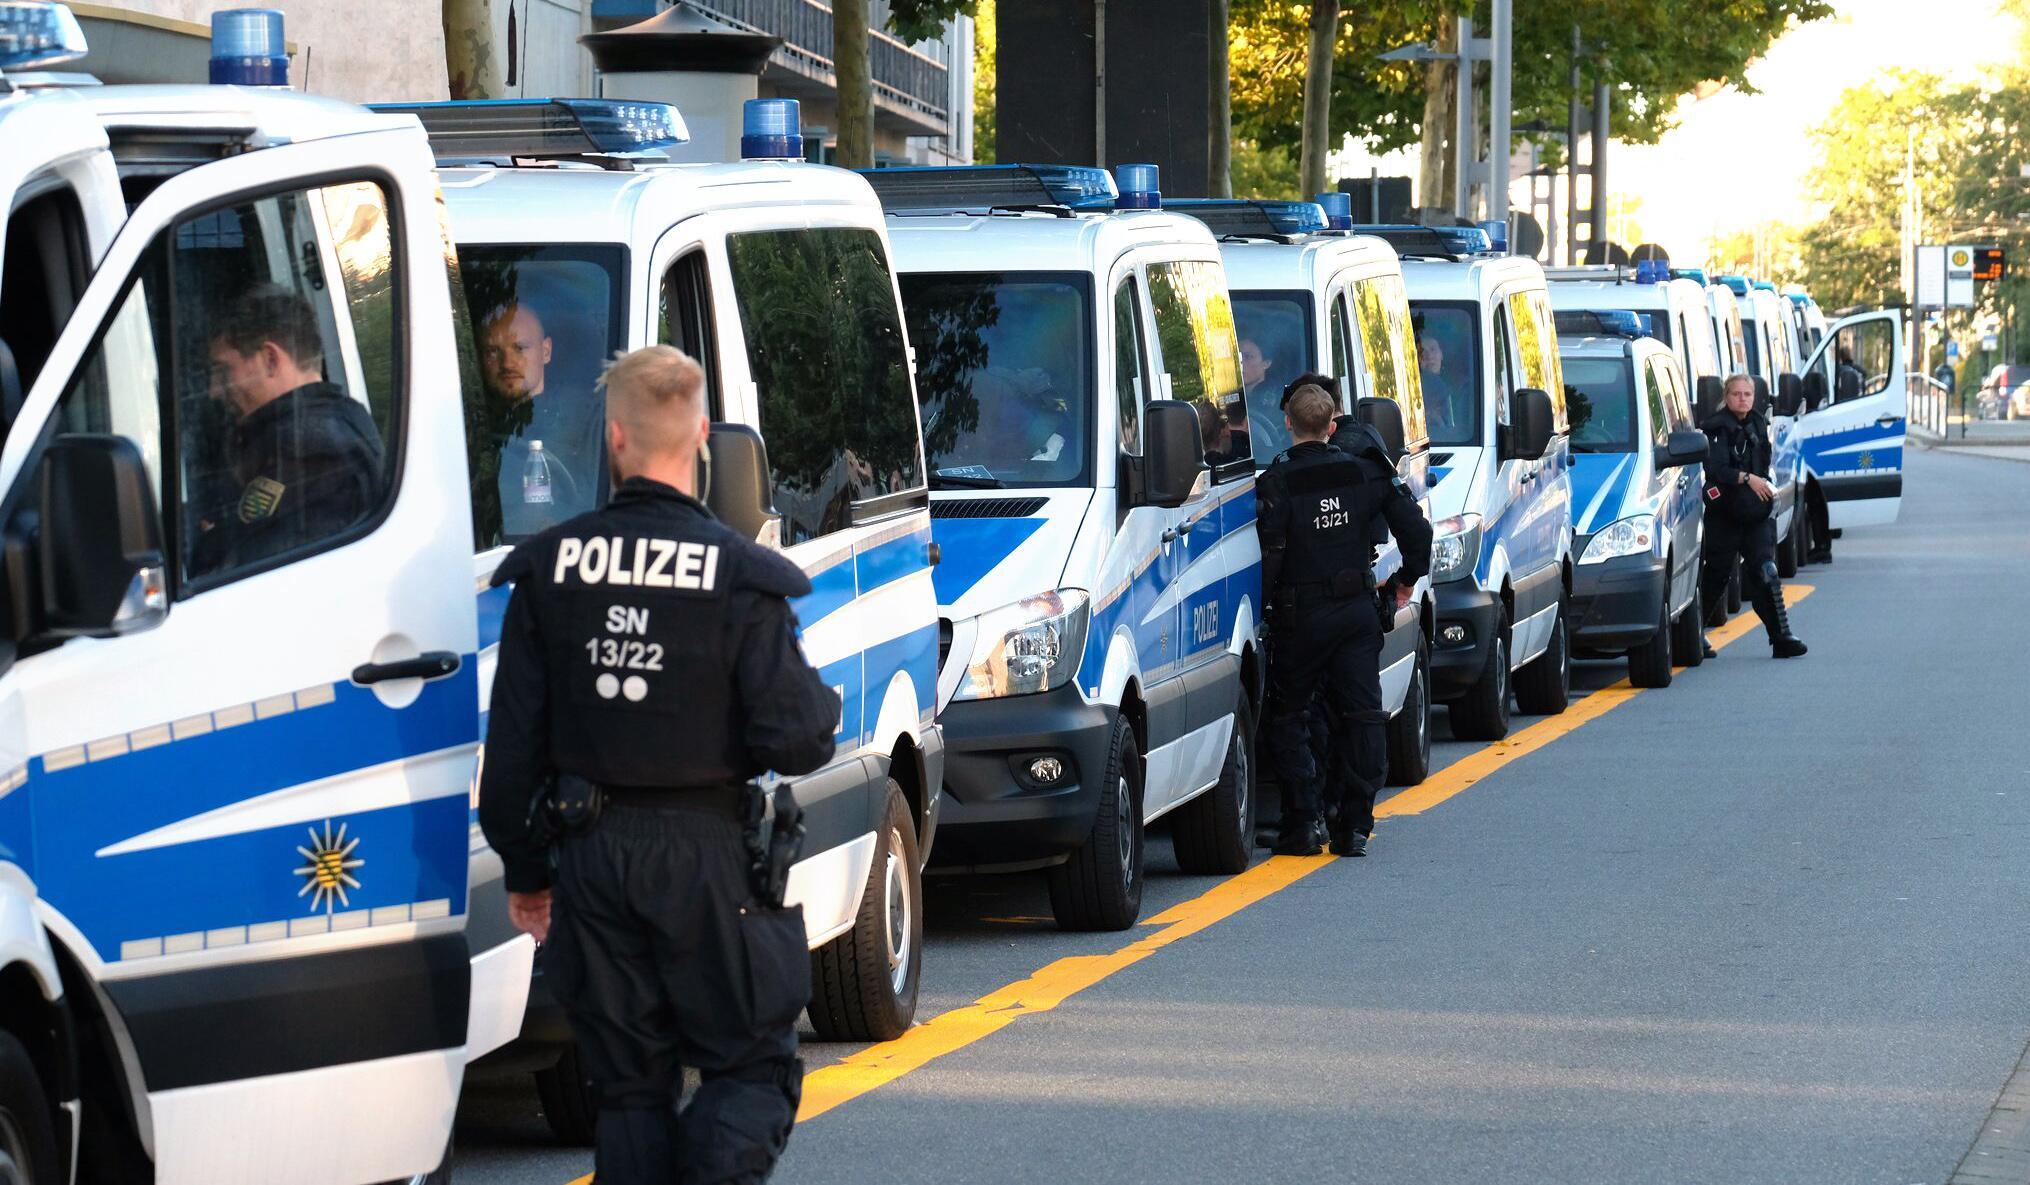 Bild zu Stadtfest Chemnitz nach Tötungsdelikt abgebrochen